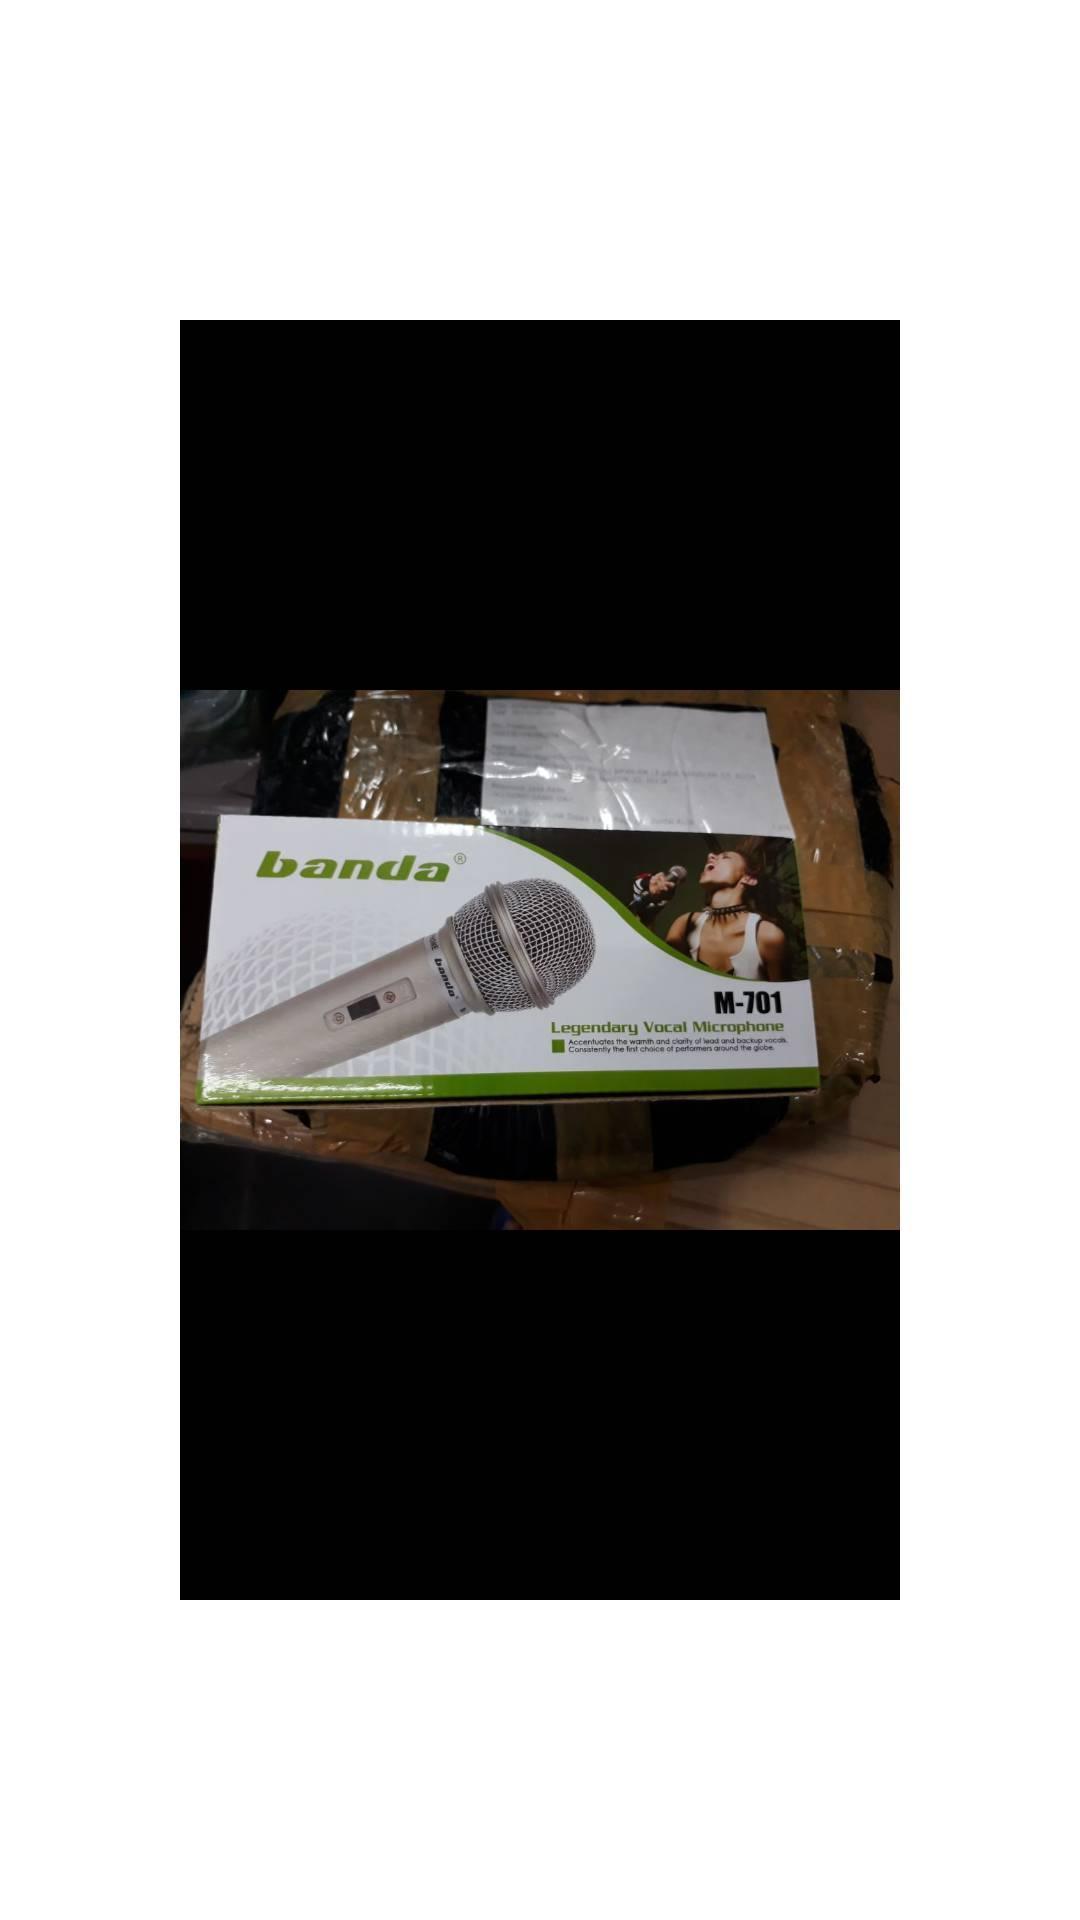 Jual Mouse Wireless Banda Bd900 Update 2018 Lm Ap01 Murah Garansi Dan Berkualitas Id Store Rp 88000